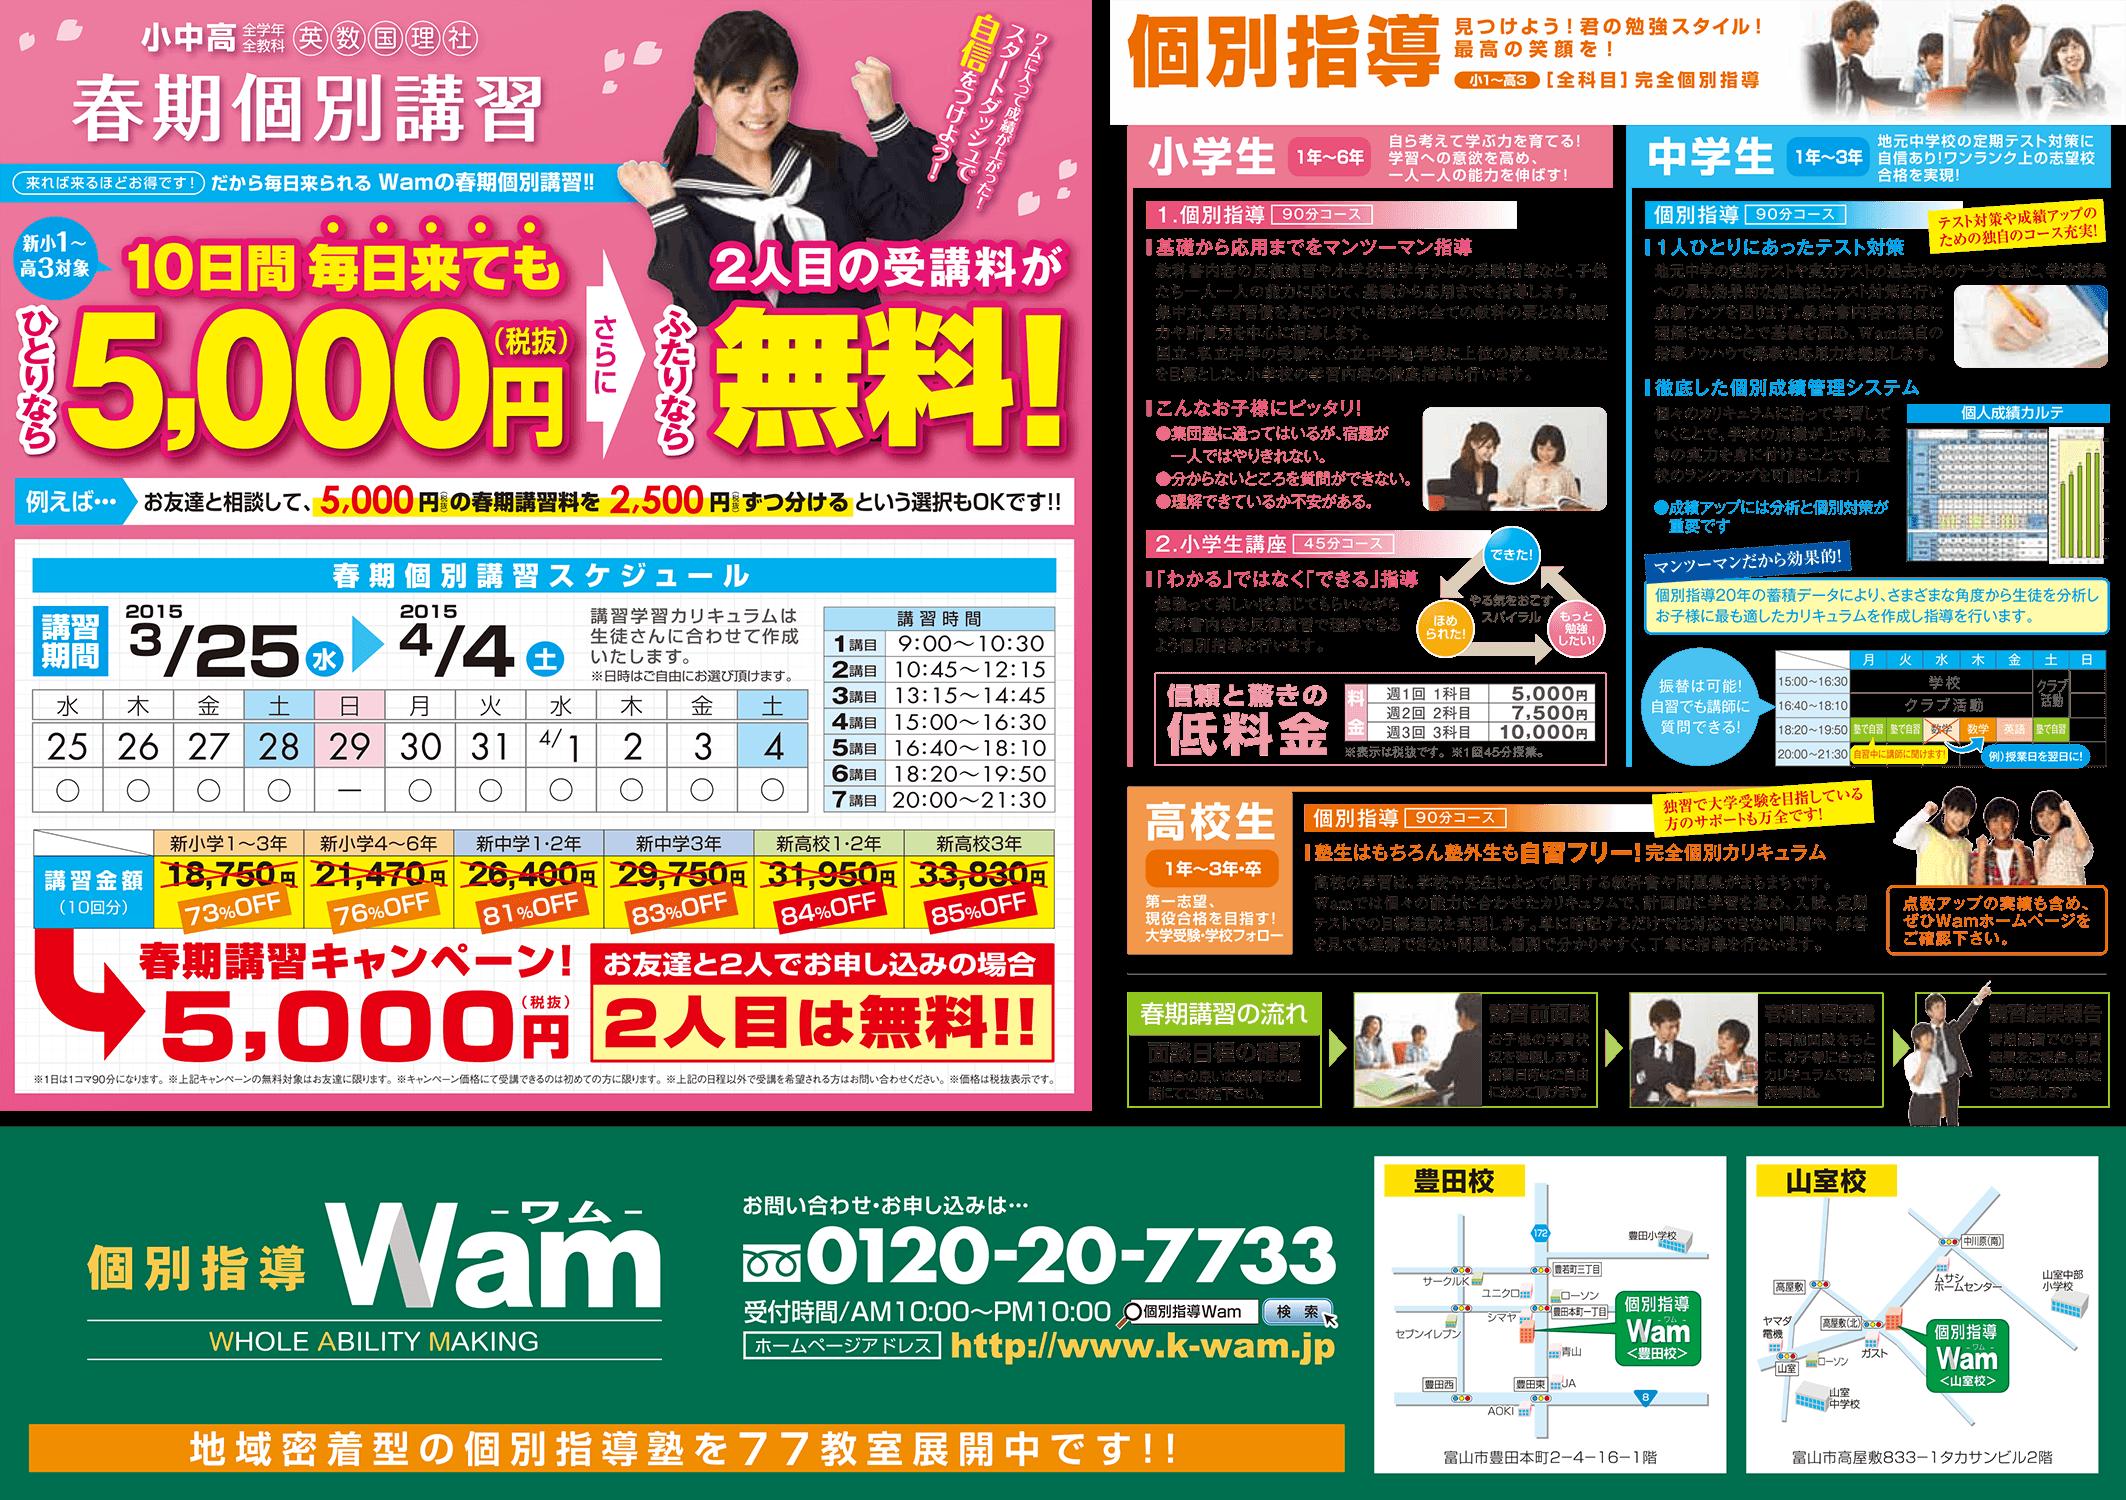 2015年春期講習 富山・ウラ面